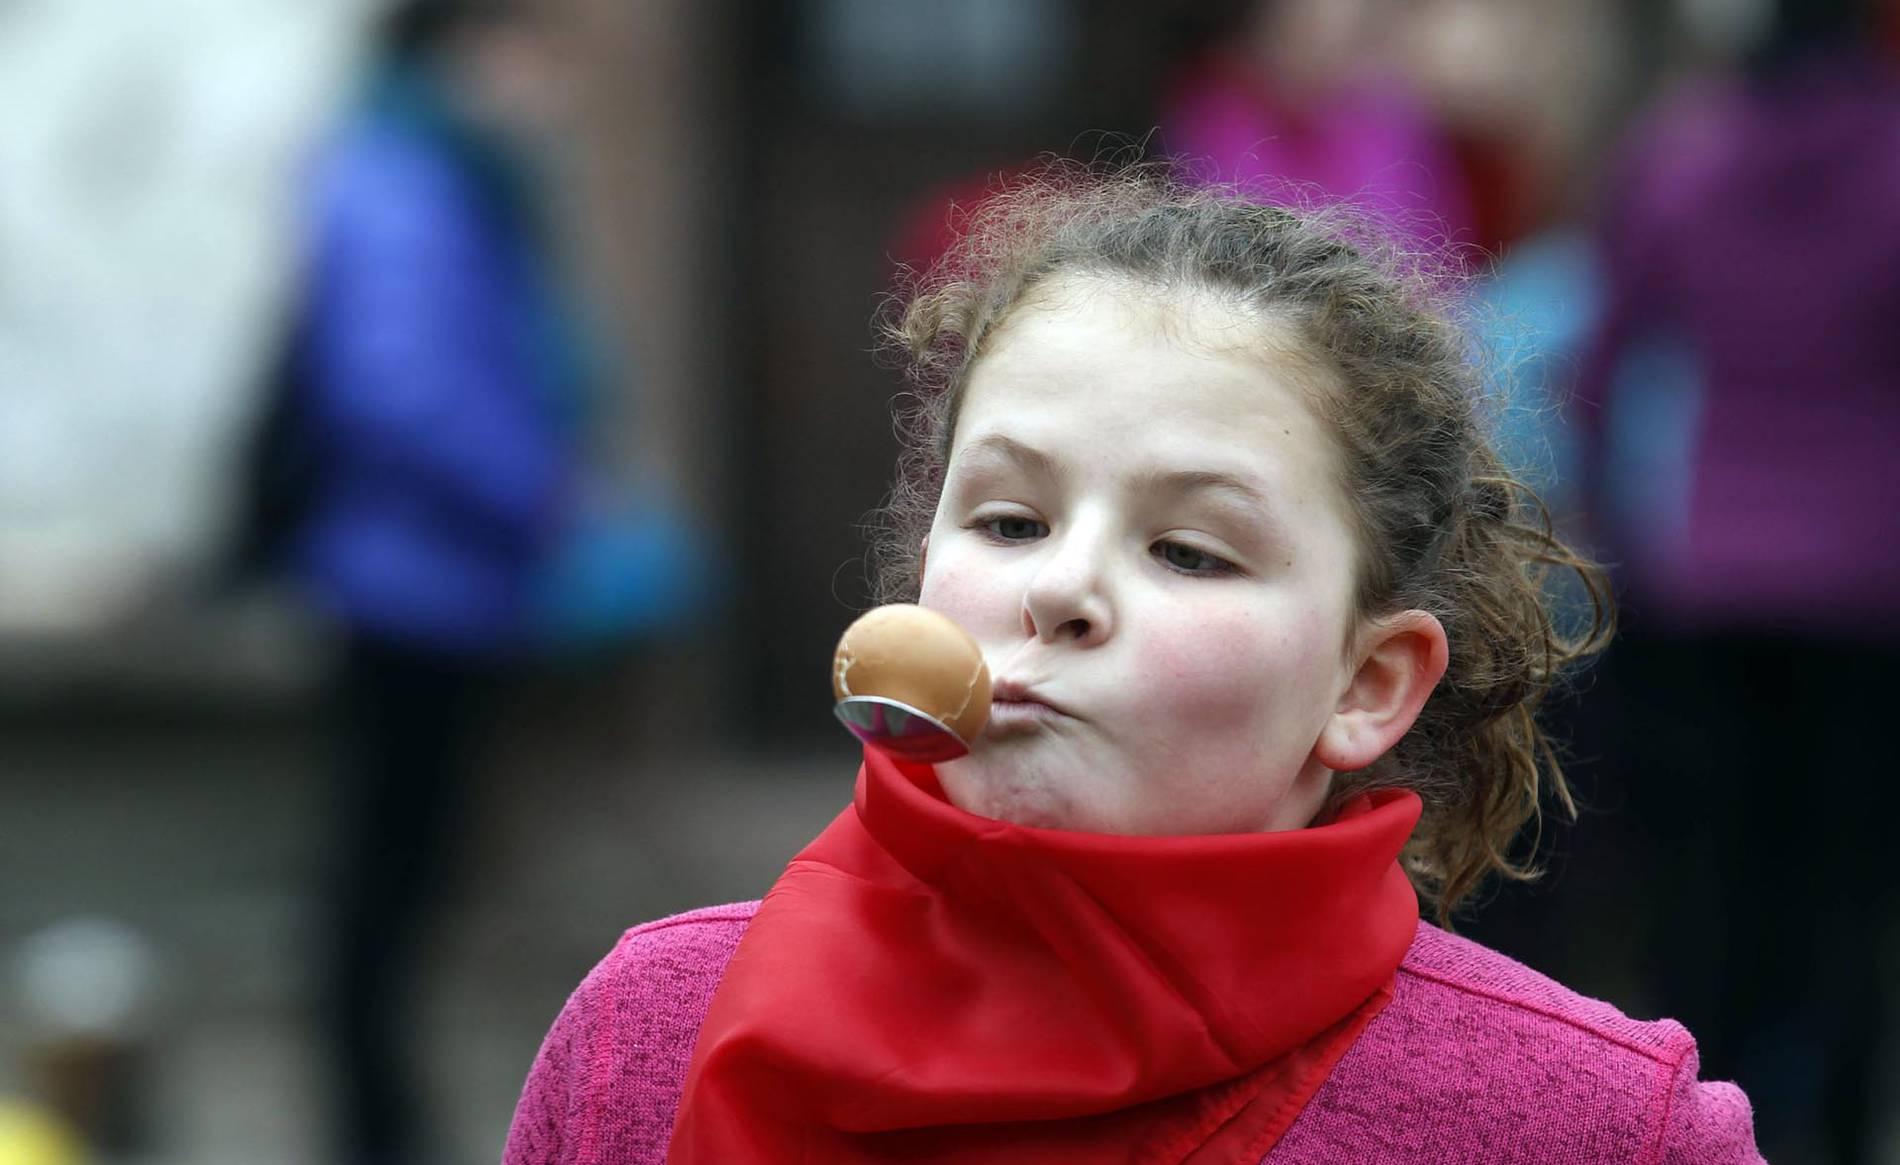 Sonrisas y crestas en el Carnaval de Elizondo e Irurita (1/24) - Medio millar de menores persiguieron, espada de madera en mano, el rastro del Juego del Gallo en el 'Orakunde' de Elizondo. El sector infantil celebró en diferentes localidades del valle la tradición del 'Jueves Gordo' con juegos adaptados a su edad - Zona norte -